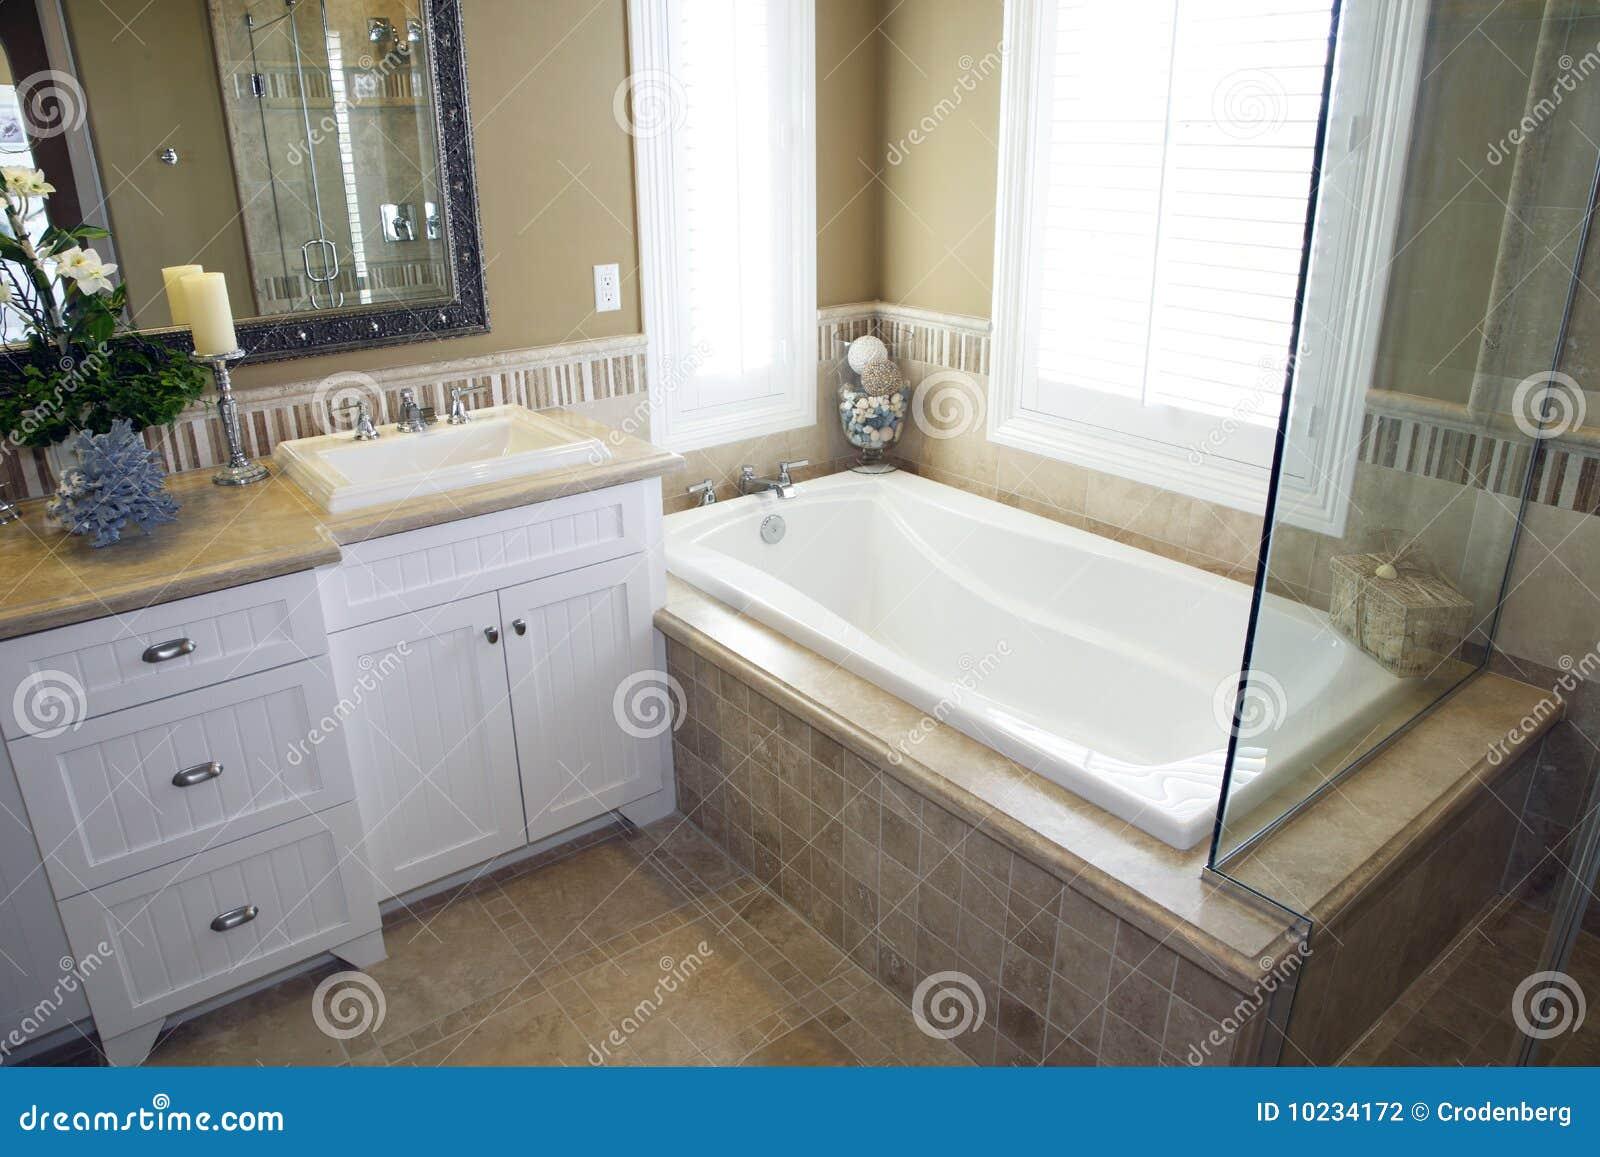 tinas de bao con duchacuarto de bao lujoso con una tina moderna y una decoracin con tinas de bao con ducha